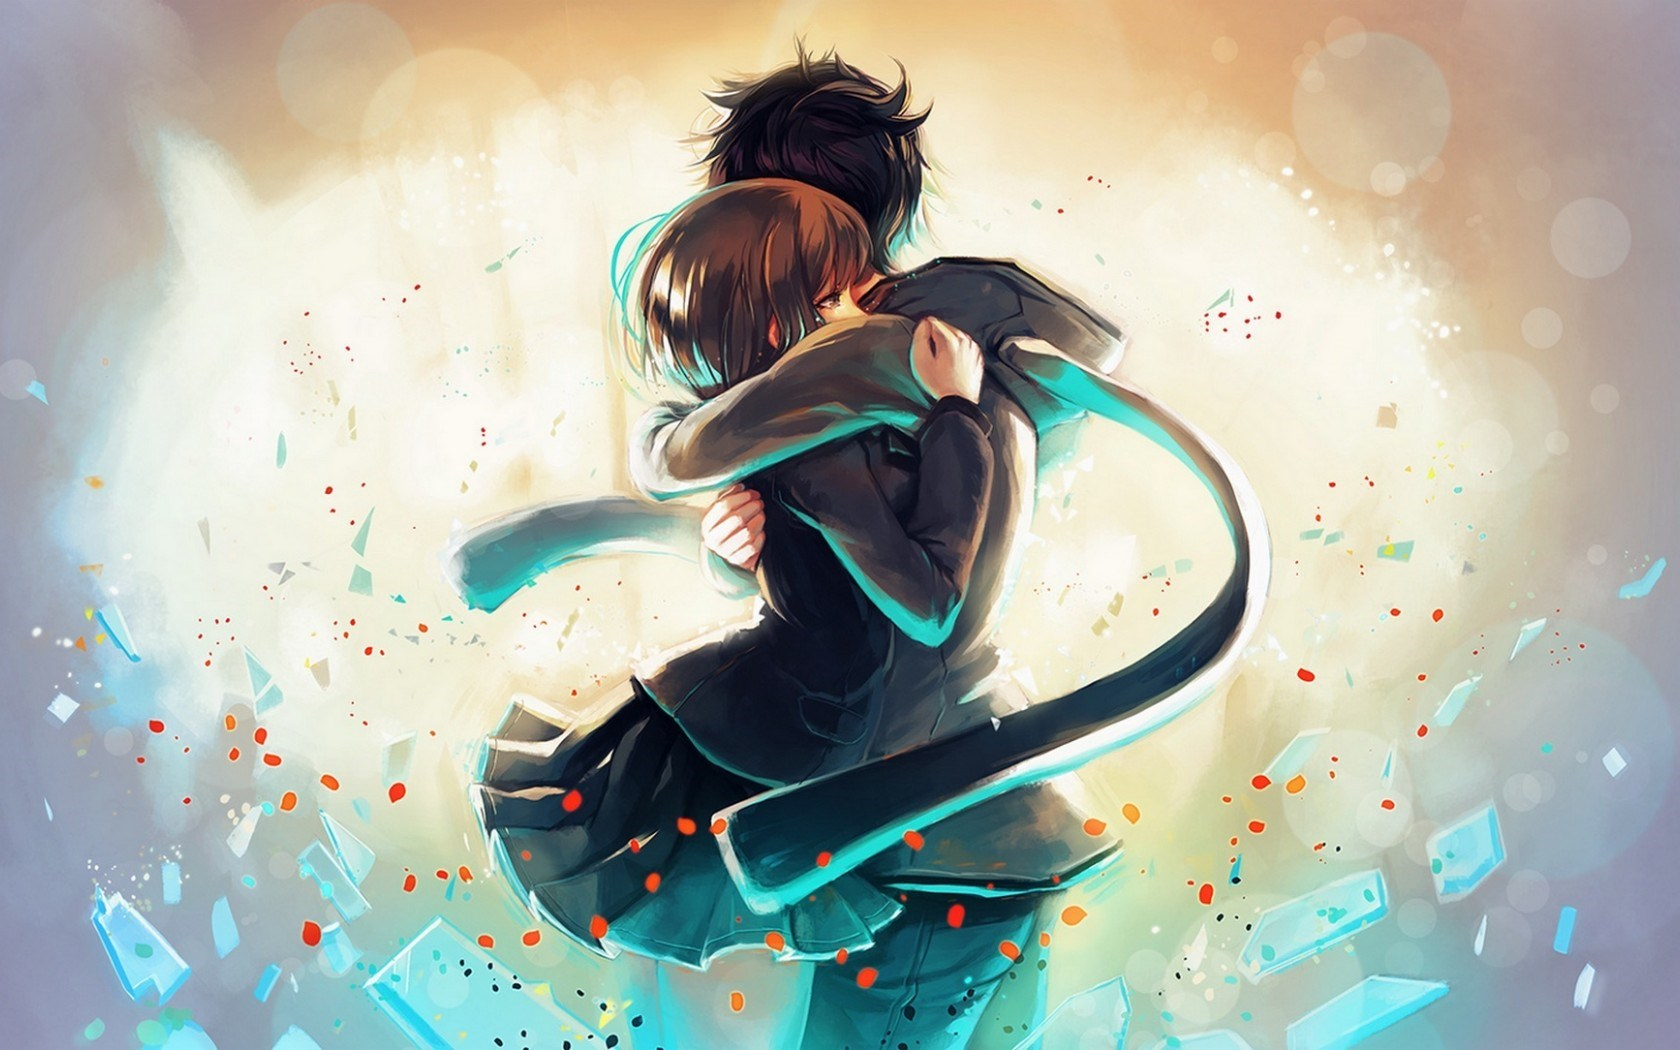 Anime Girl Boy Hug Love Art